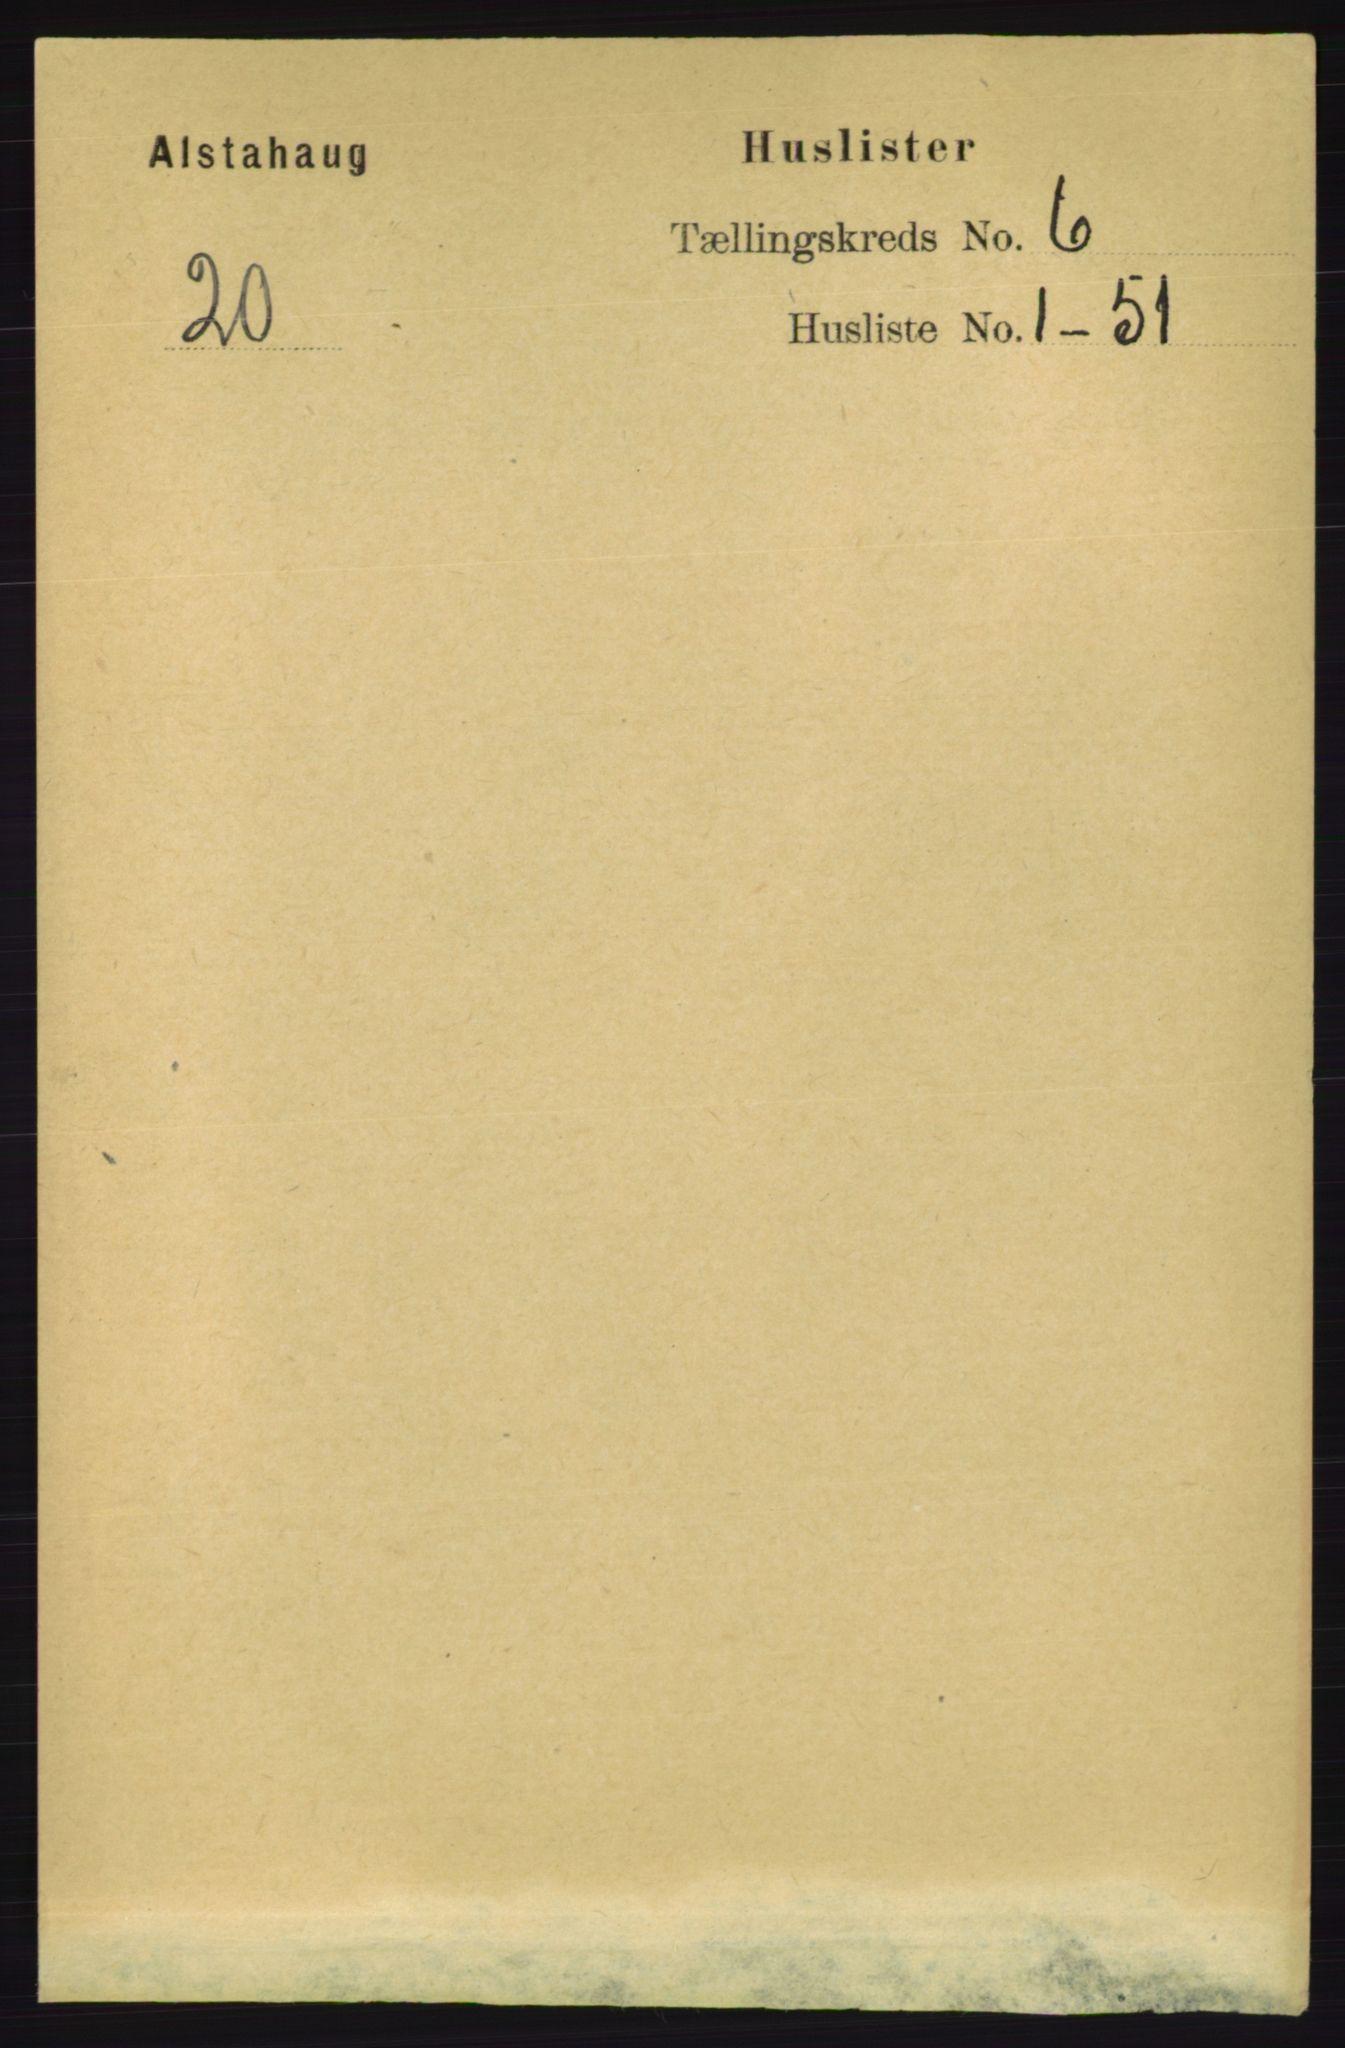 RA, Folketelling 1891 for 1820 Alstahaug herred, 1891, s. 2044